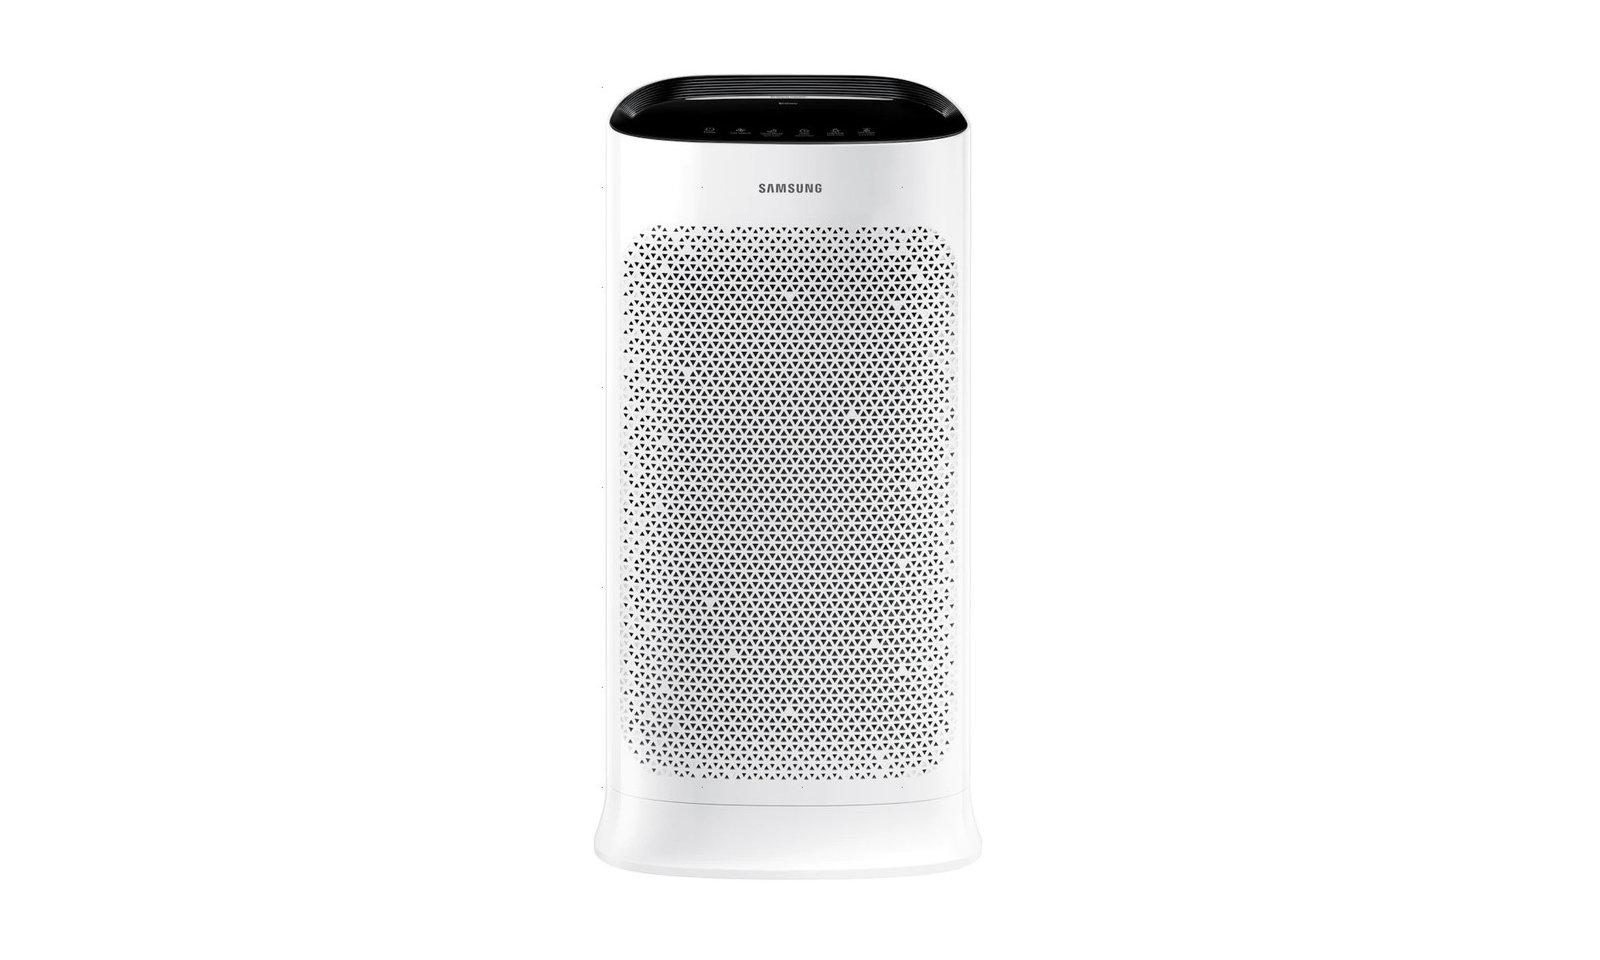 Oczyszczacz powietrza Samsung AX60R5080WD na białym tle.